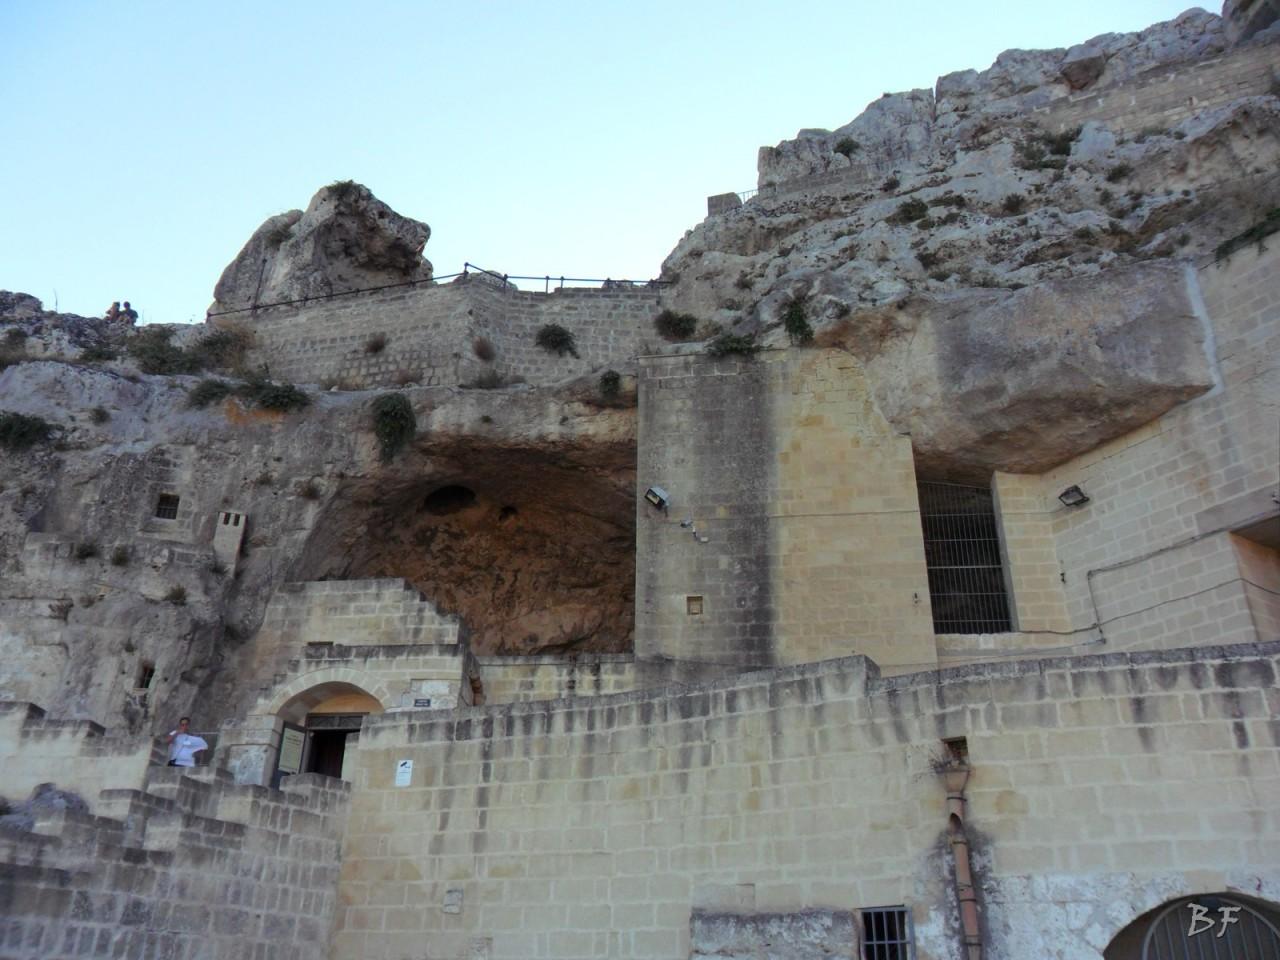 Sasso-Caveoso-Edifici-Rupestri-Megaliti-Sassi-di-Matera-basilicata-Italia-6